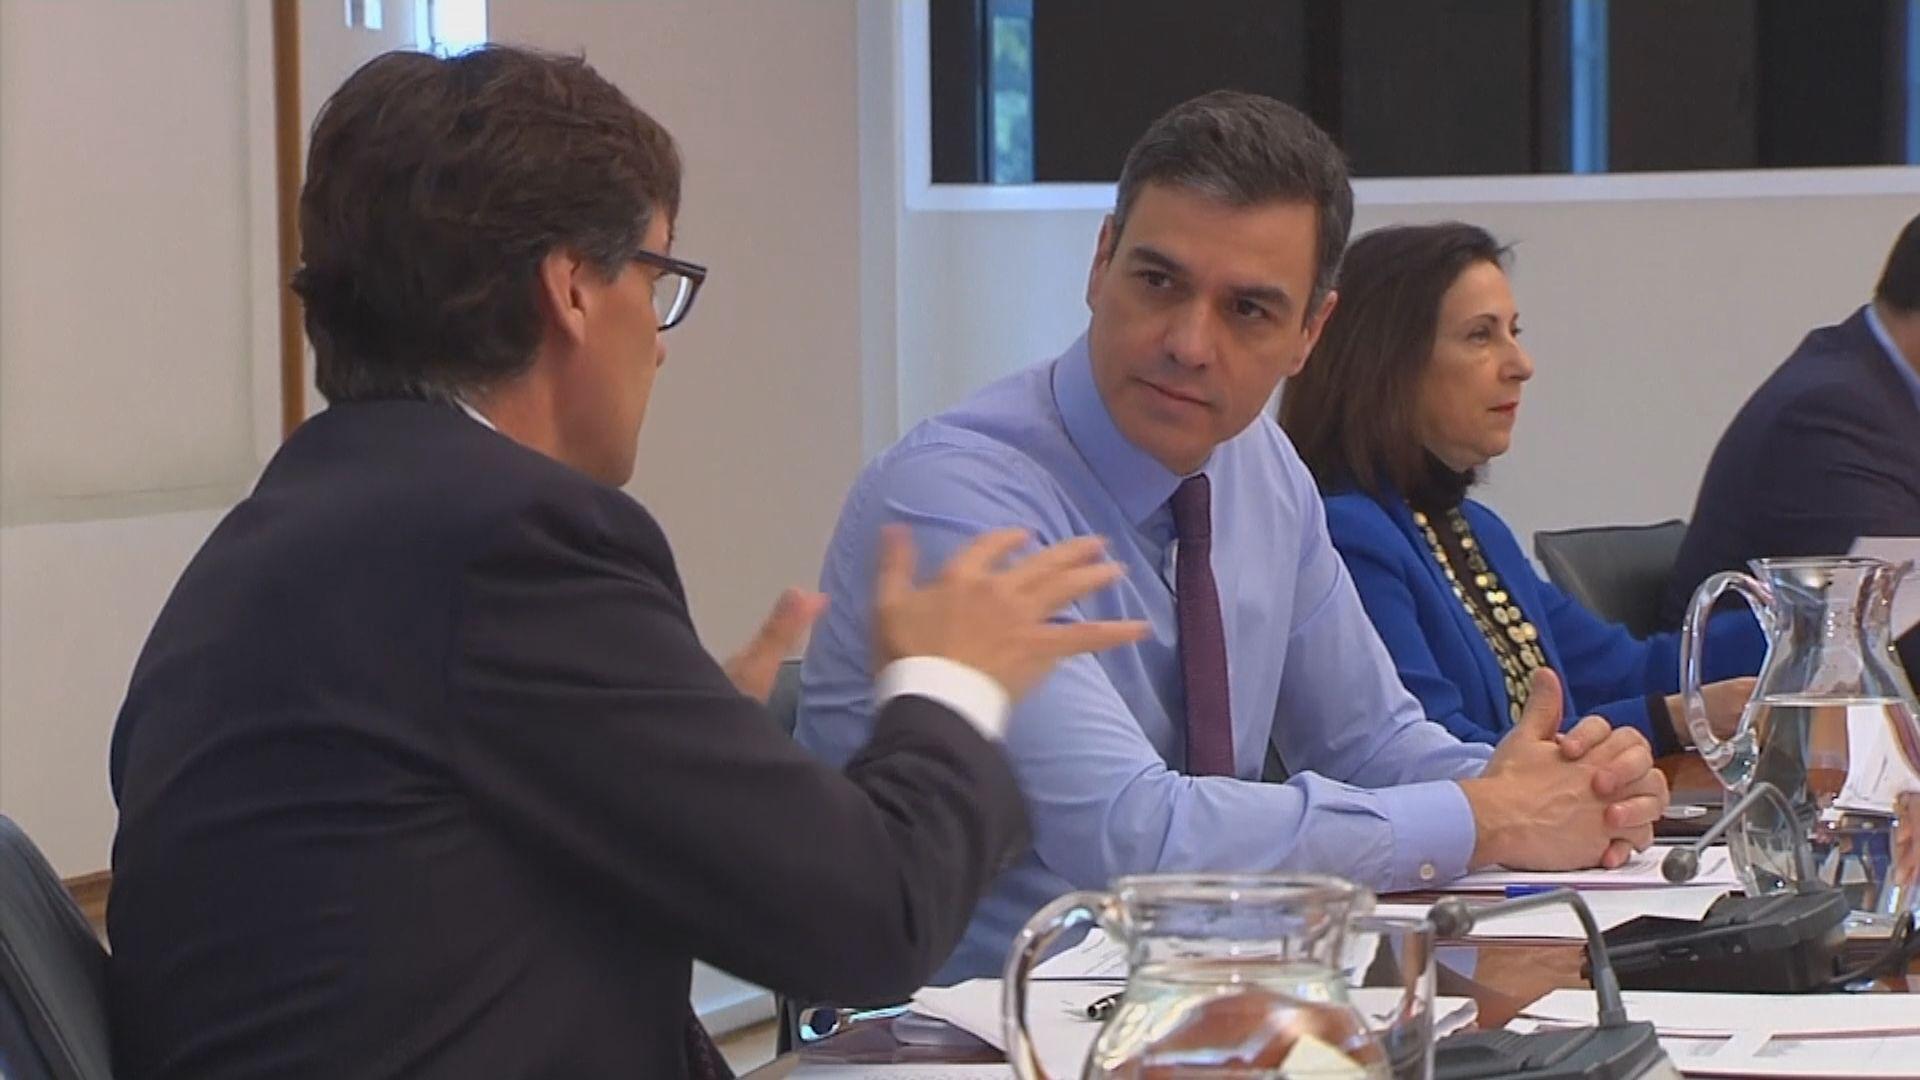 西班牙周一解除部分限制民眾活動措施